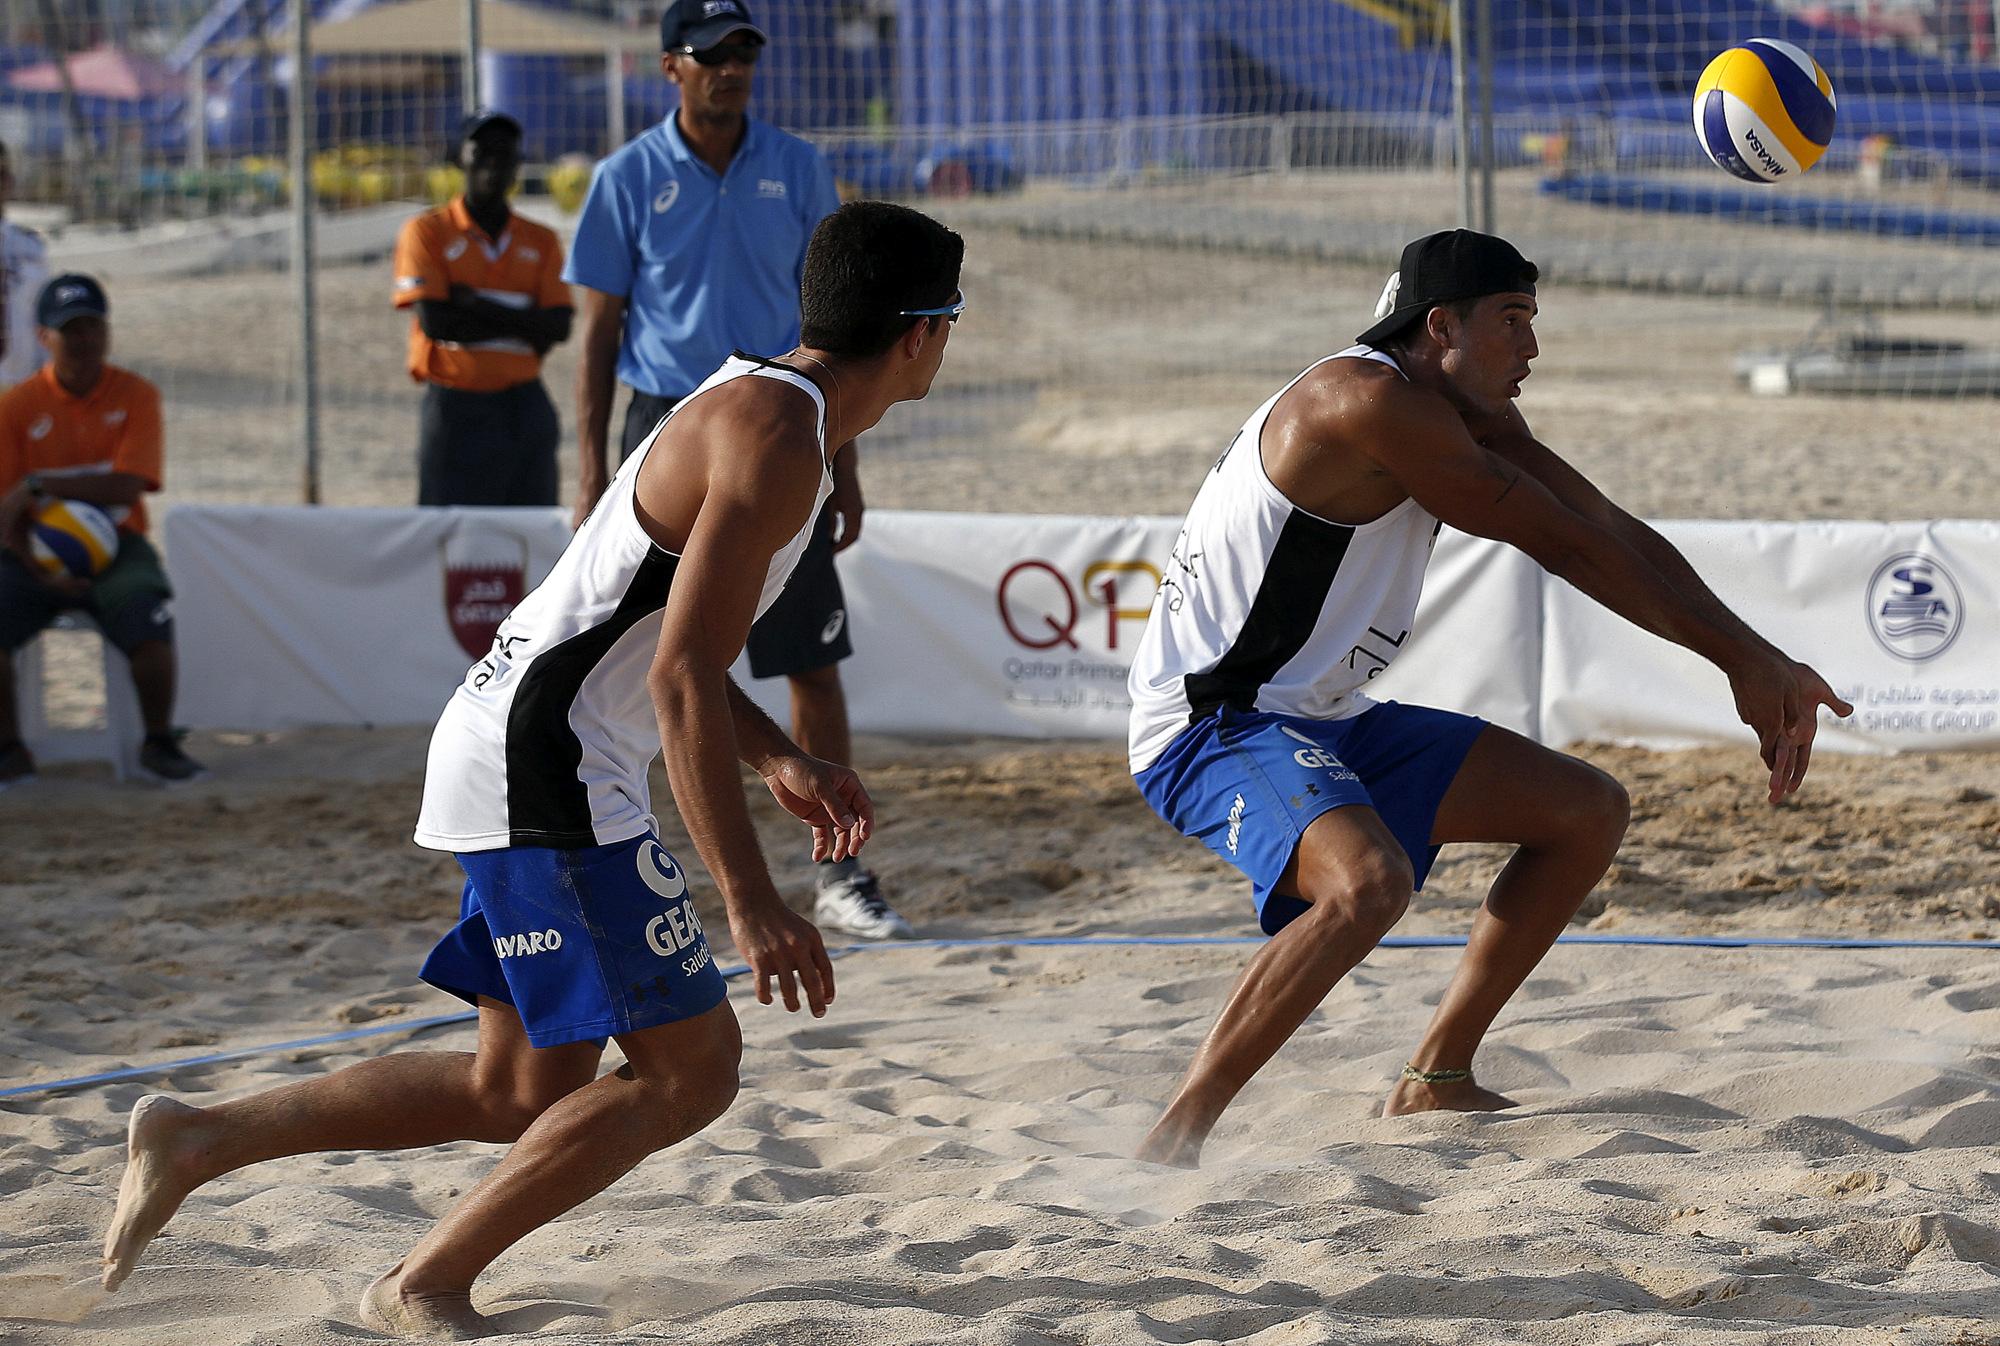 Álvaro Filho e Saymon ficam na quinta colocação na etapa do Qatar